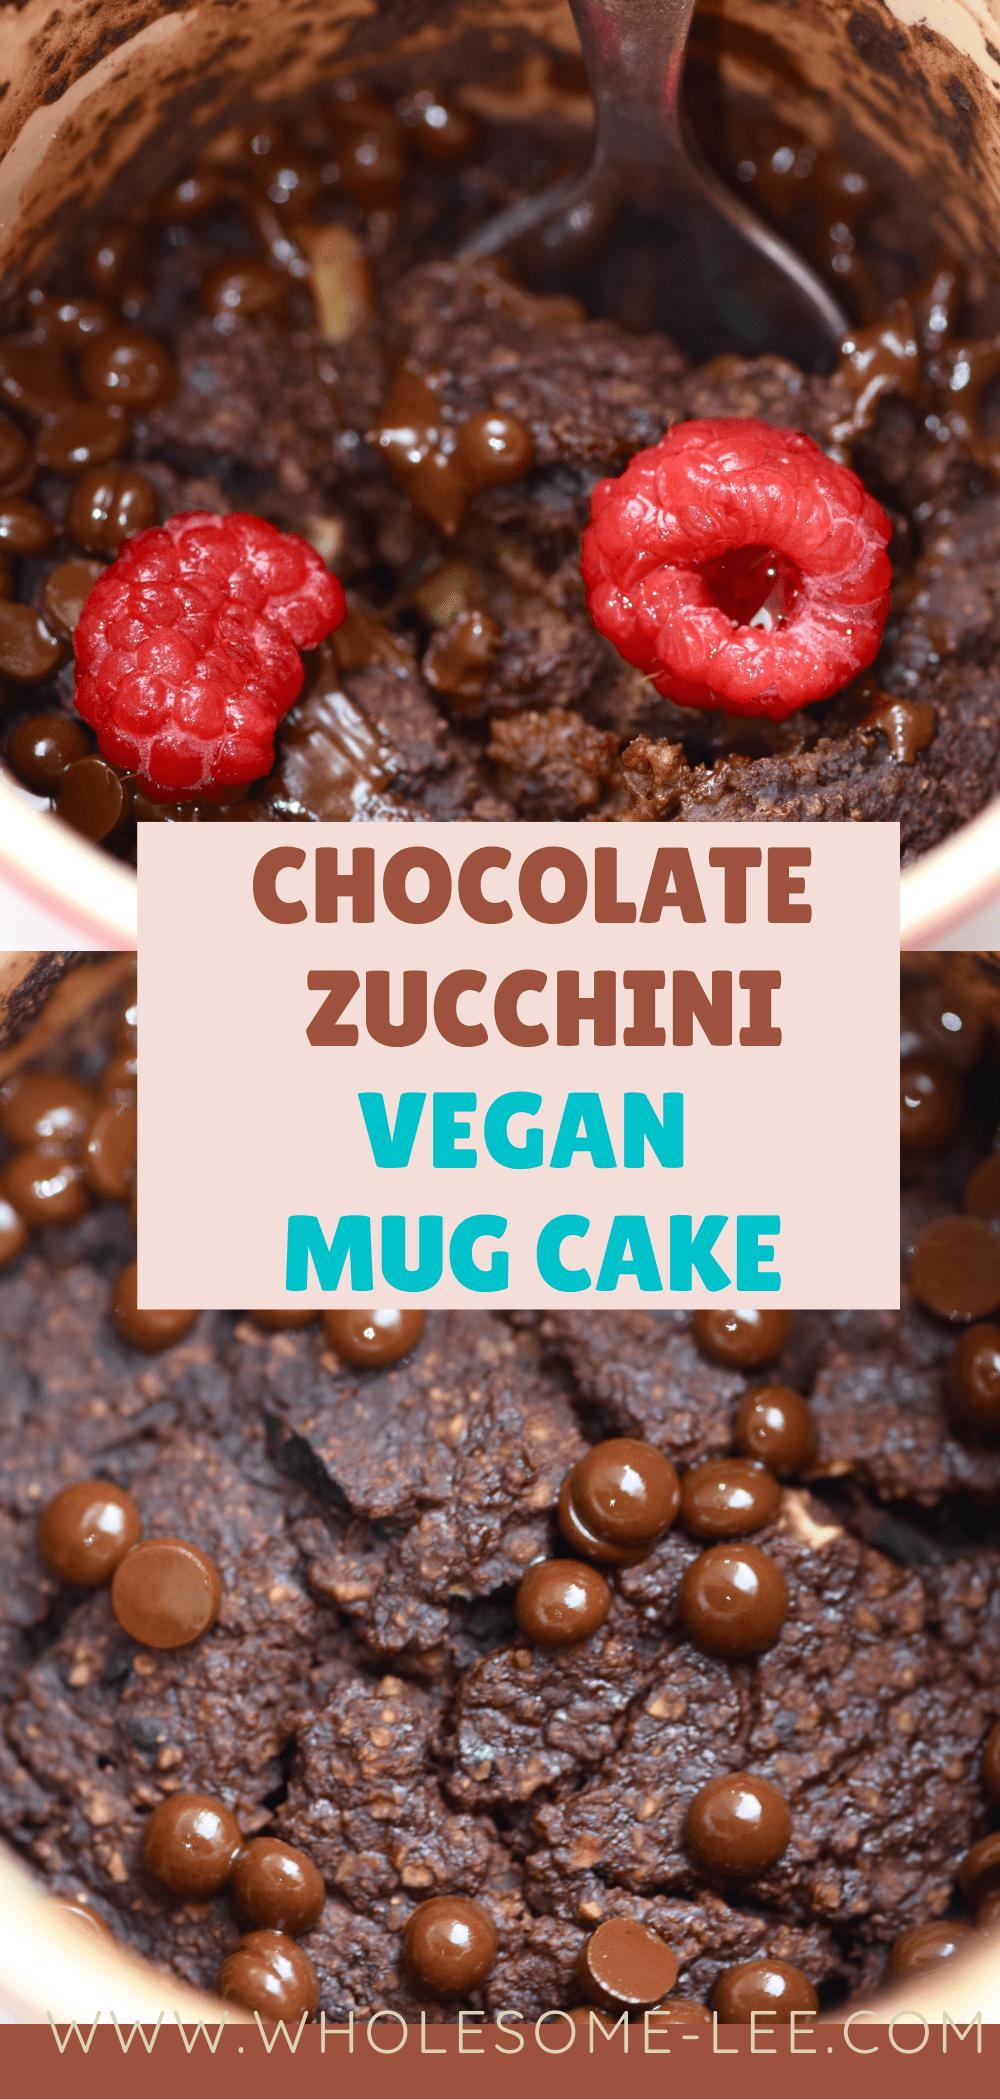 Chocolate zucchini vegan mug cake